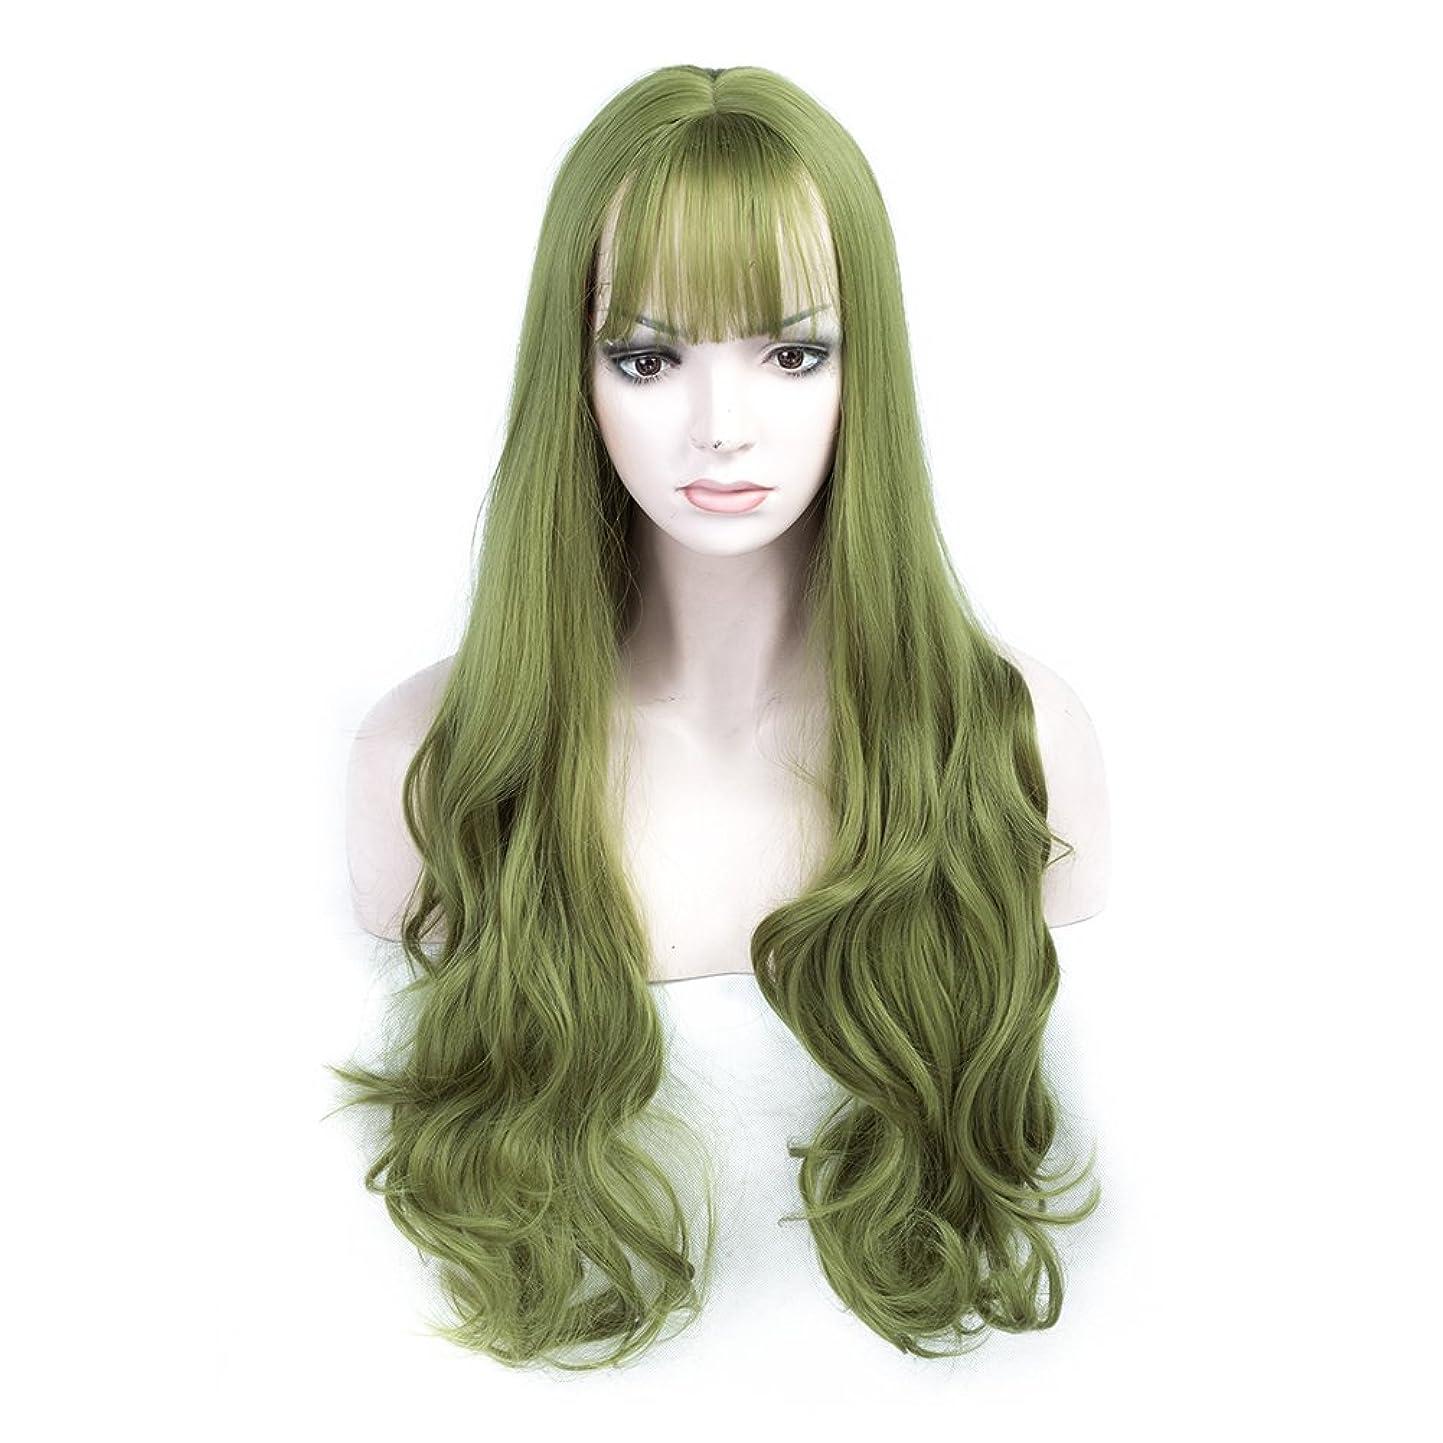 シマウマ着替えるあたたかい女性のためのかつら女性のための緑の合成のヘアピース自然なウイッグウィッグ現実的な見る